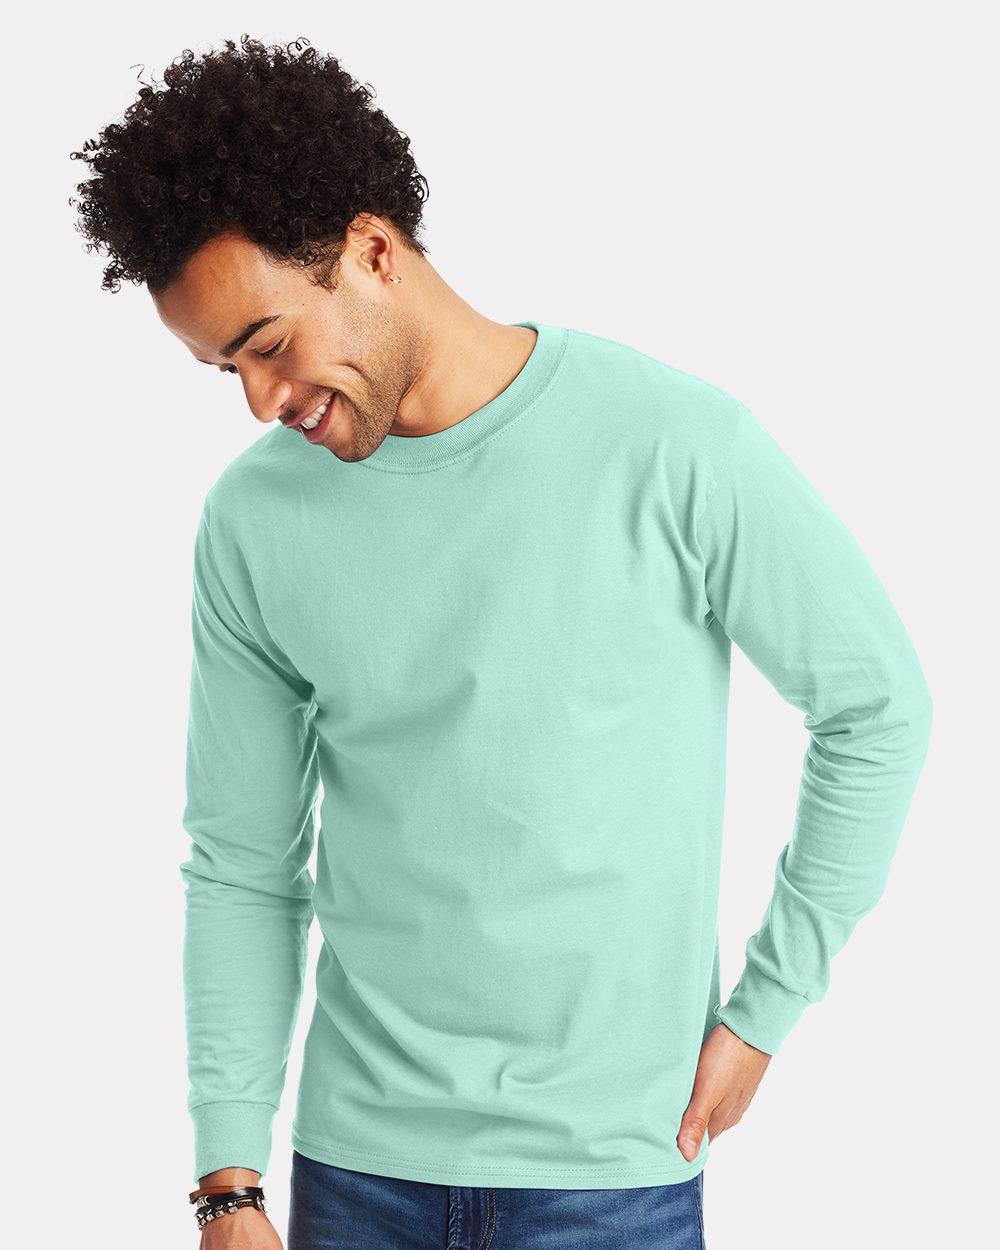 Hanes Beefy T-Blanc T-shirt en coton 5180 S-6XL à manches courtes T-Shirt